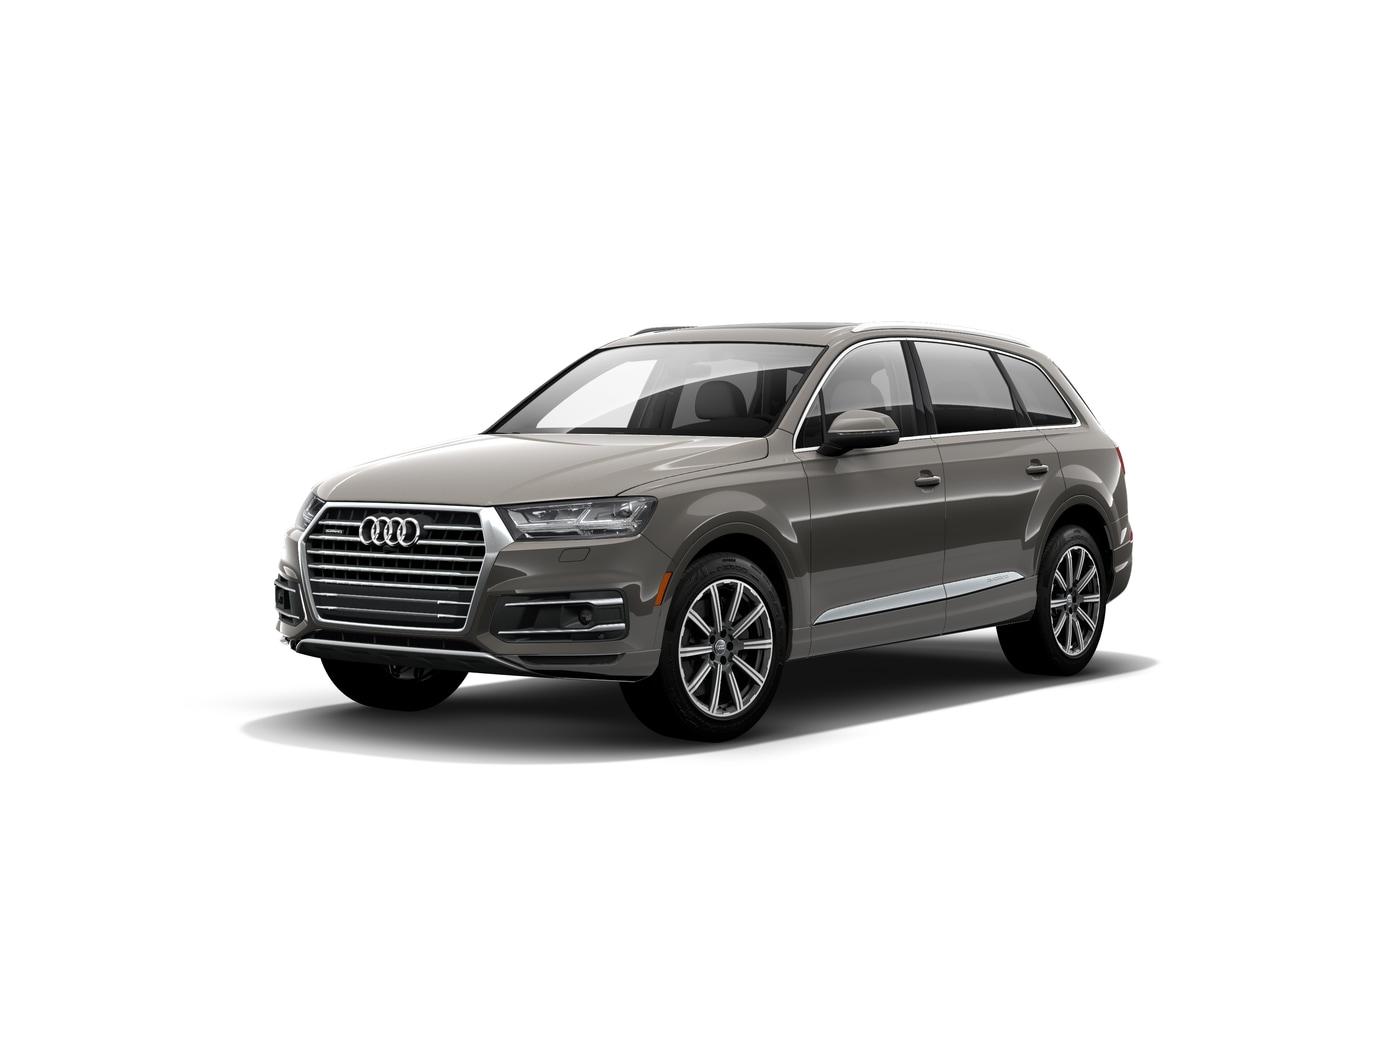 2018 Audi Q7 3.0T Premium Plus SUV